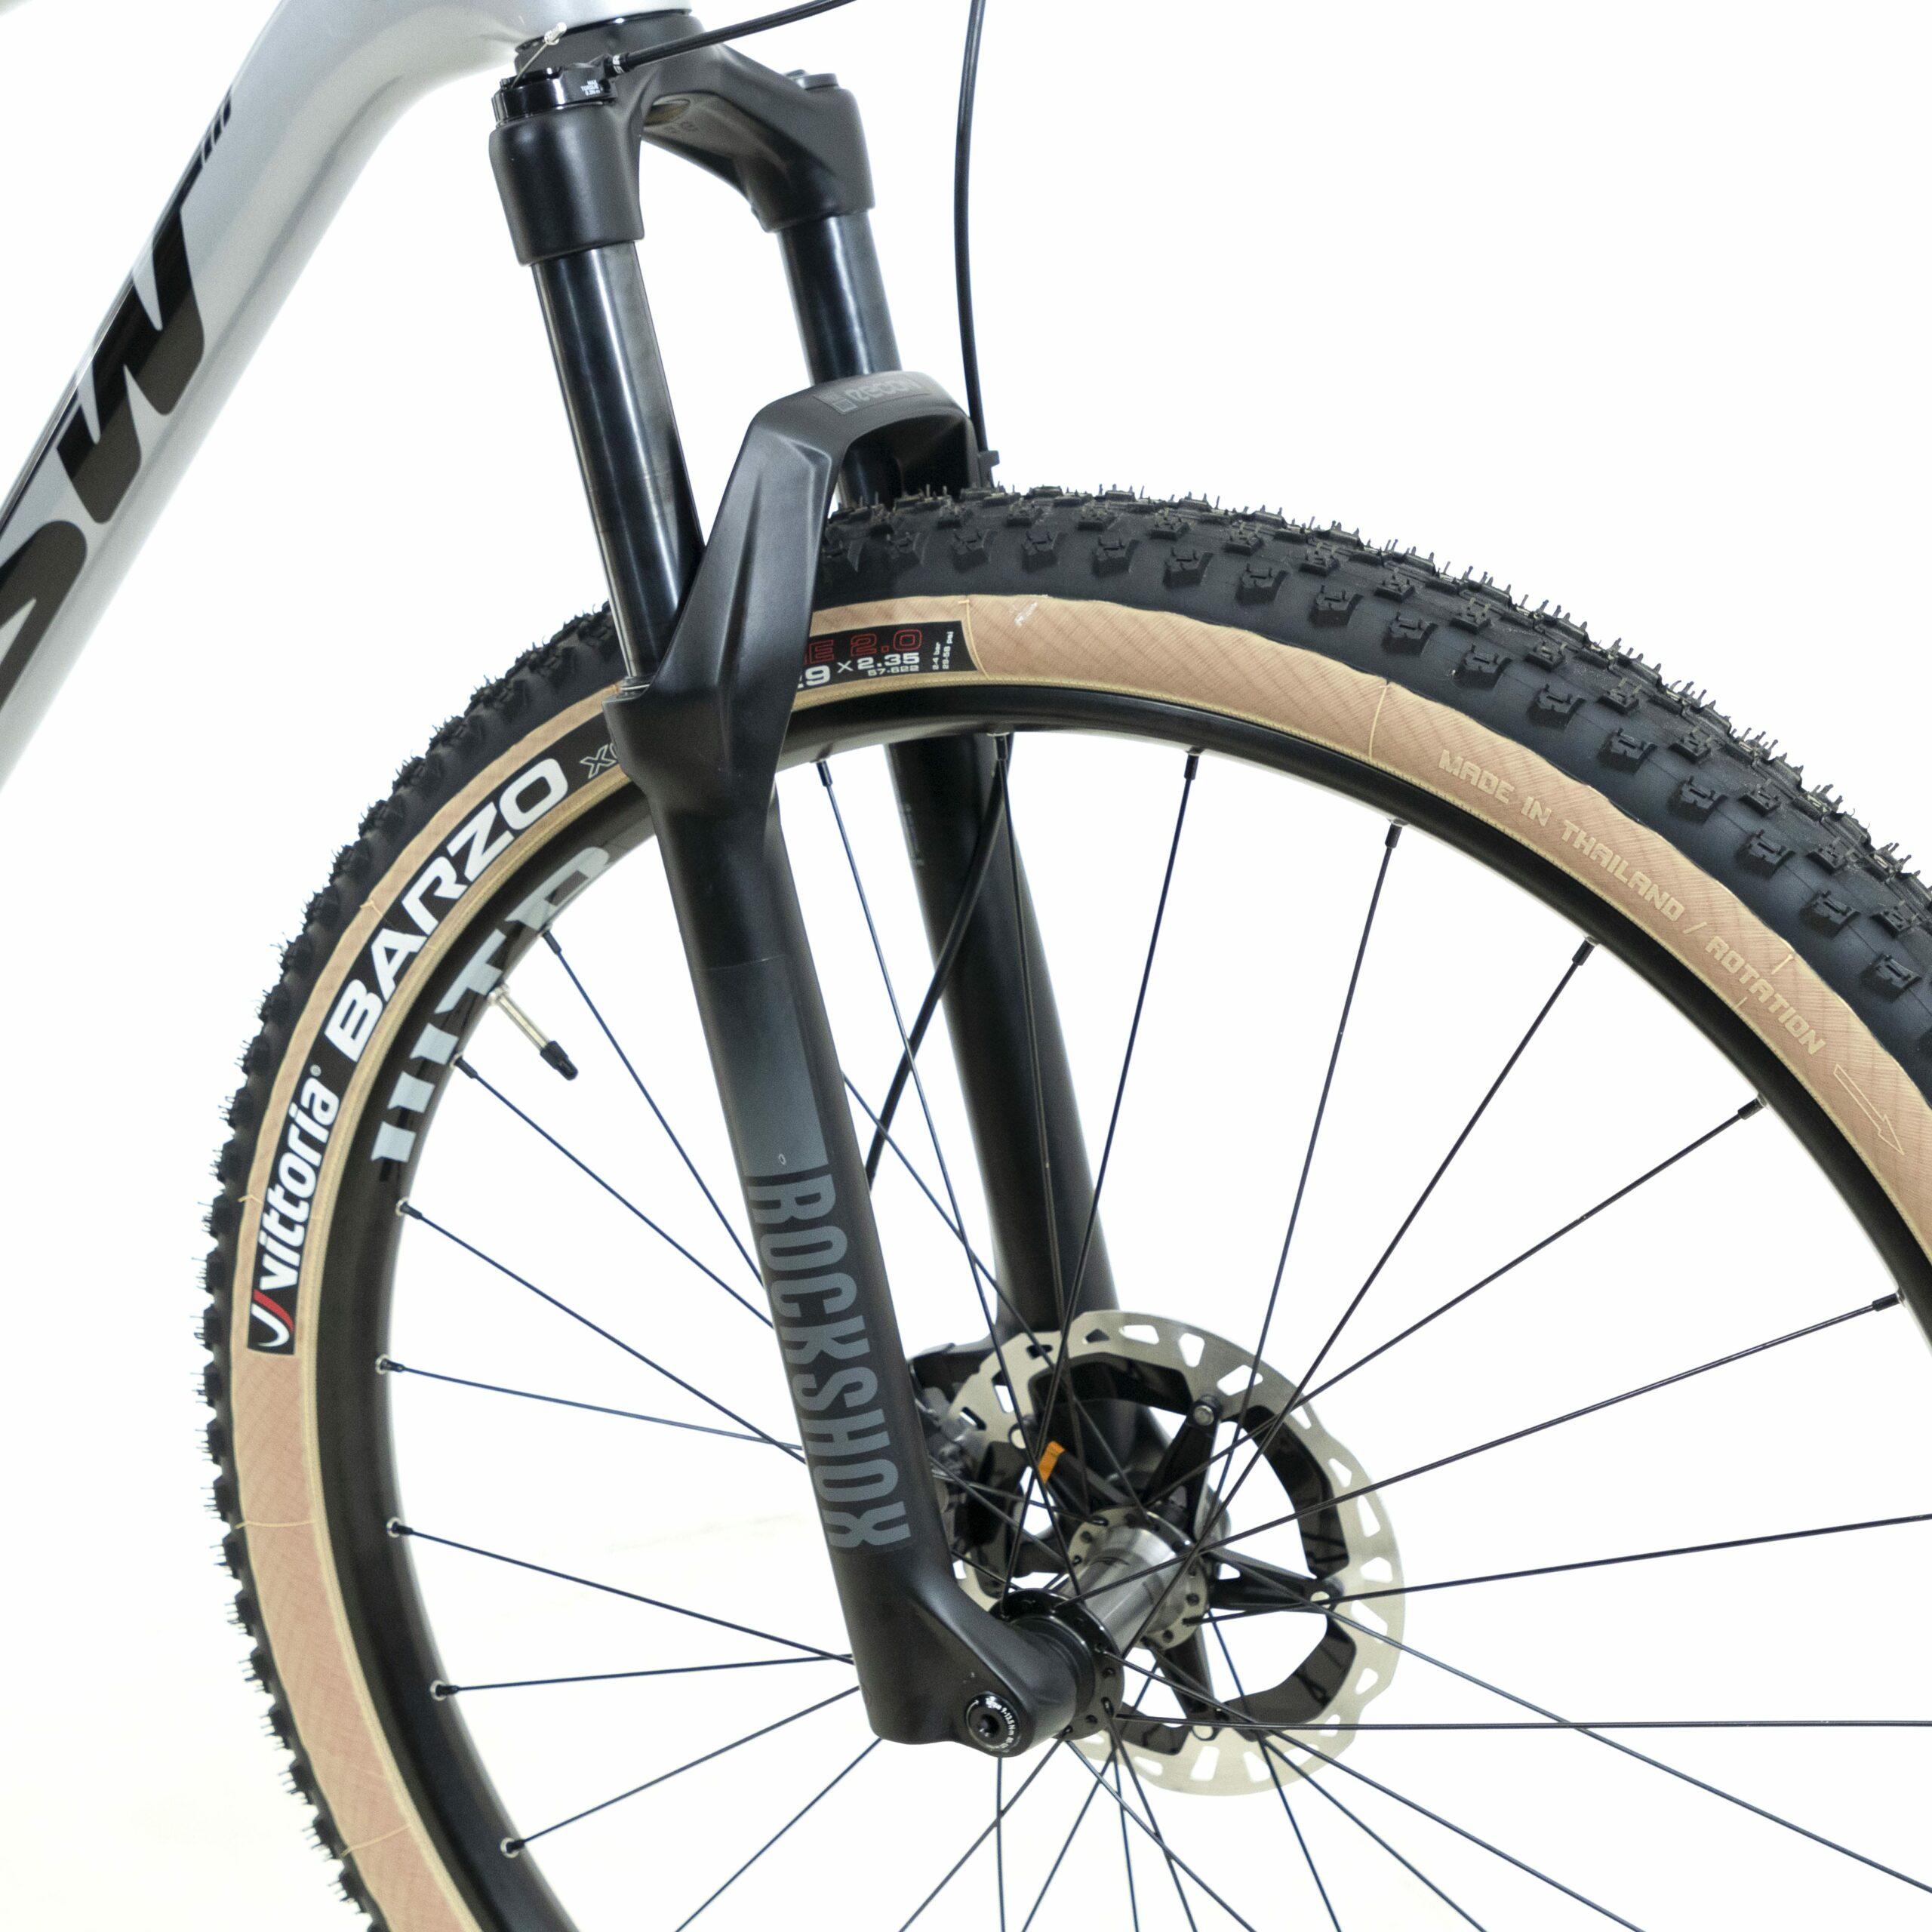 Bicicleta TSW Evo Quest   Advanced-Recon 14